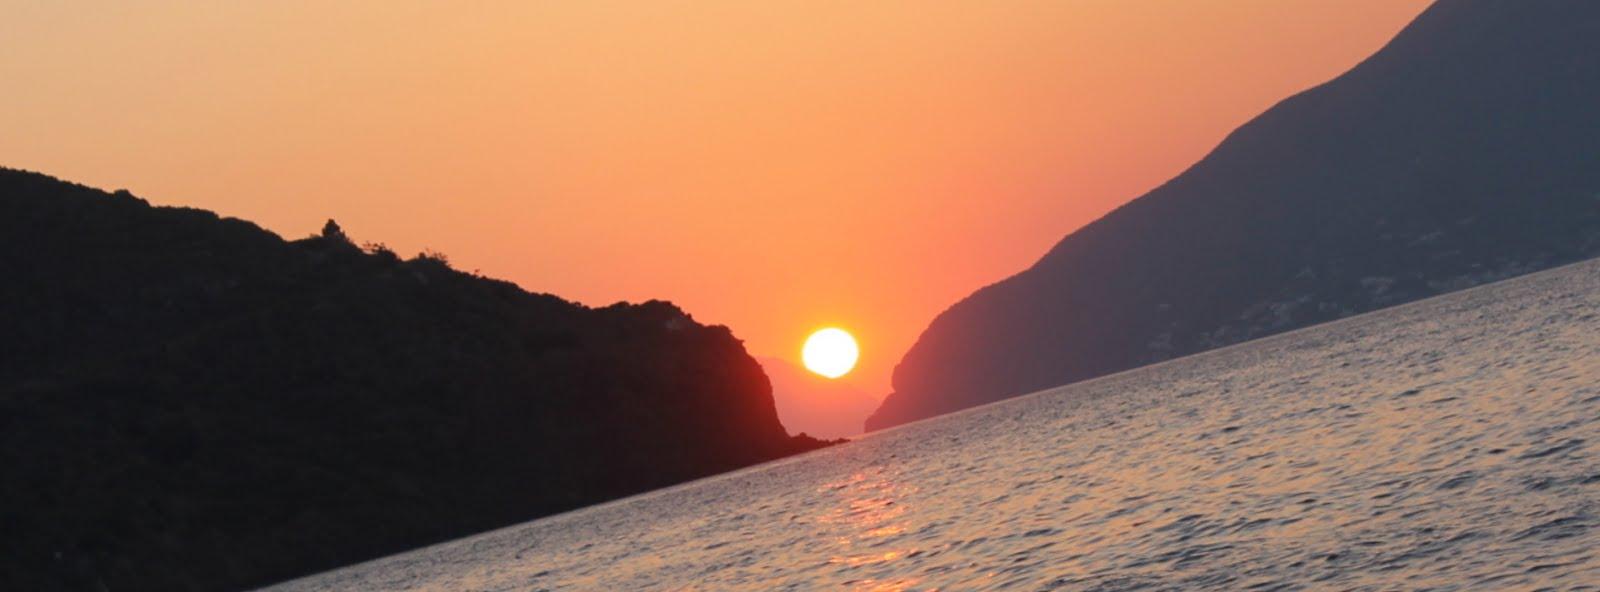 Tramontto Mediterraneo